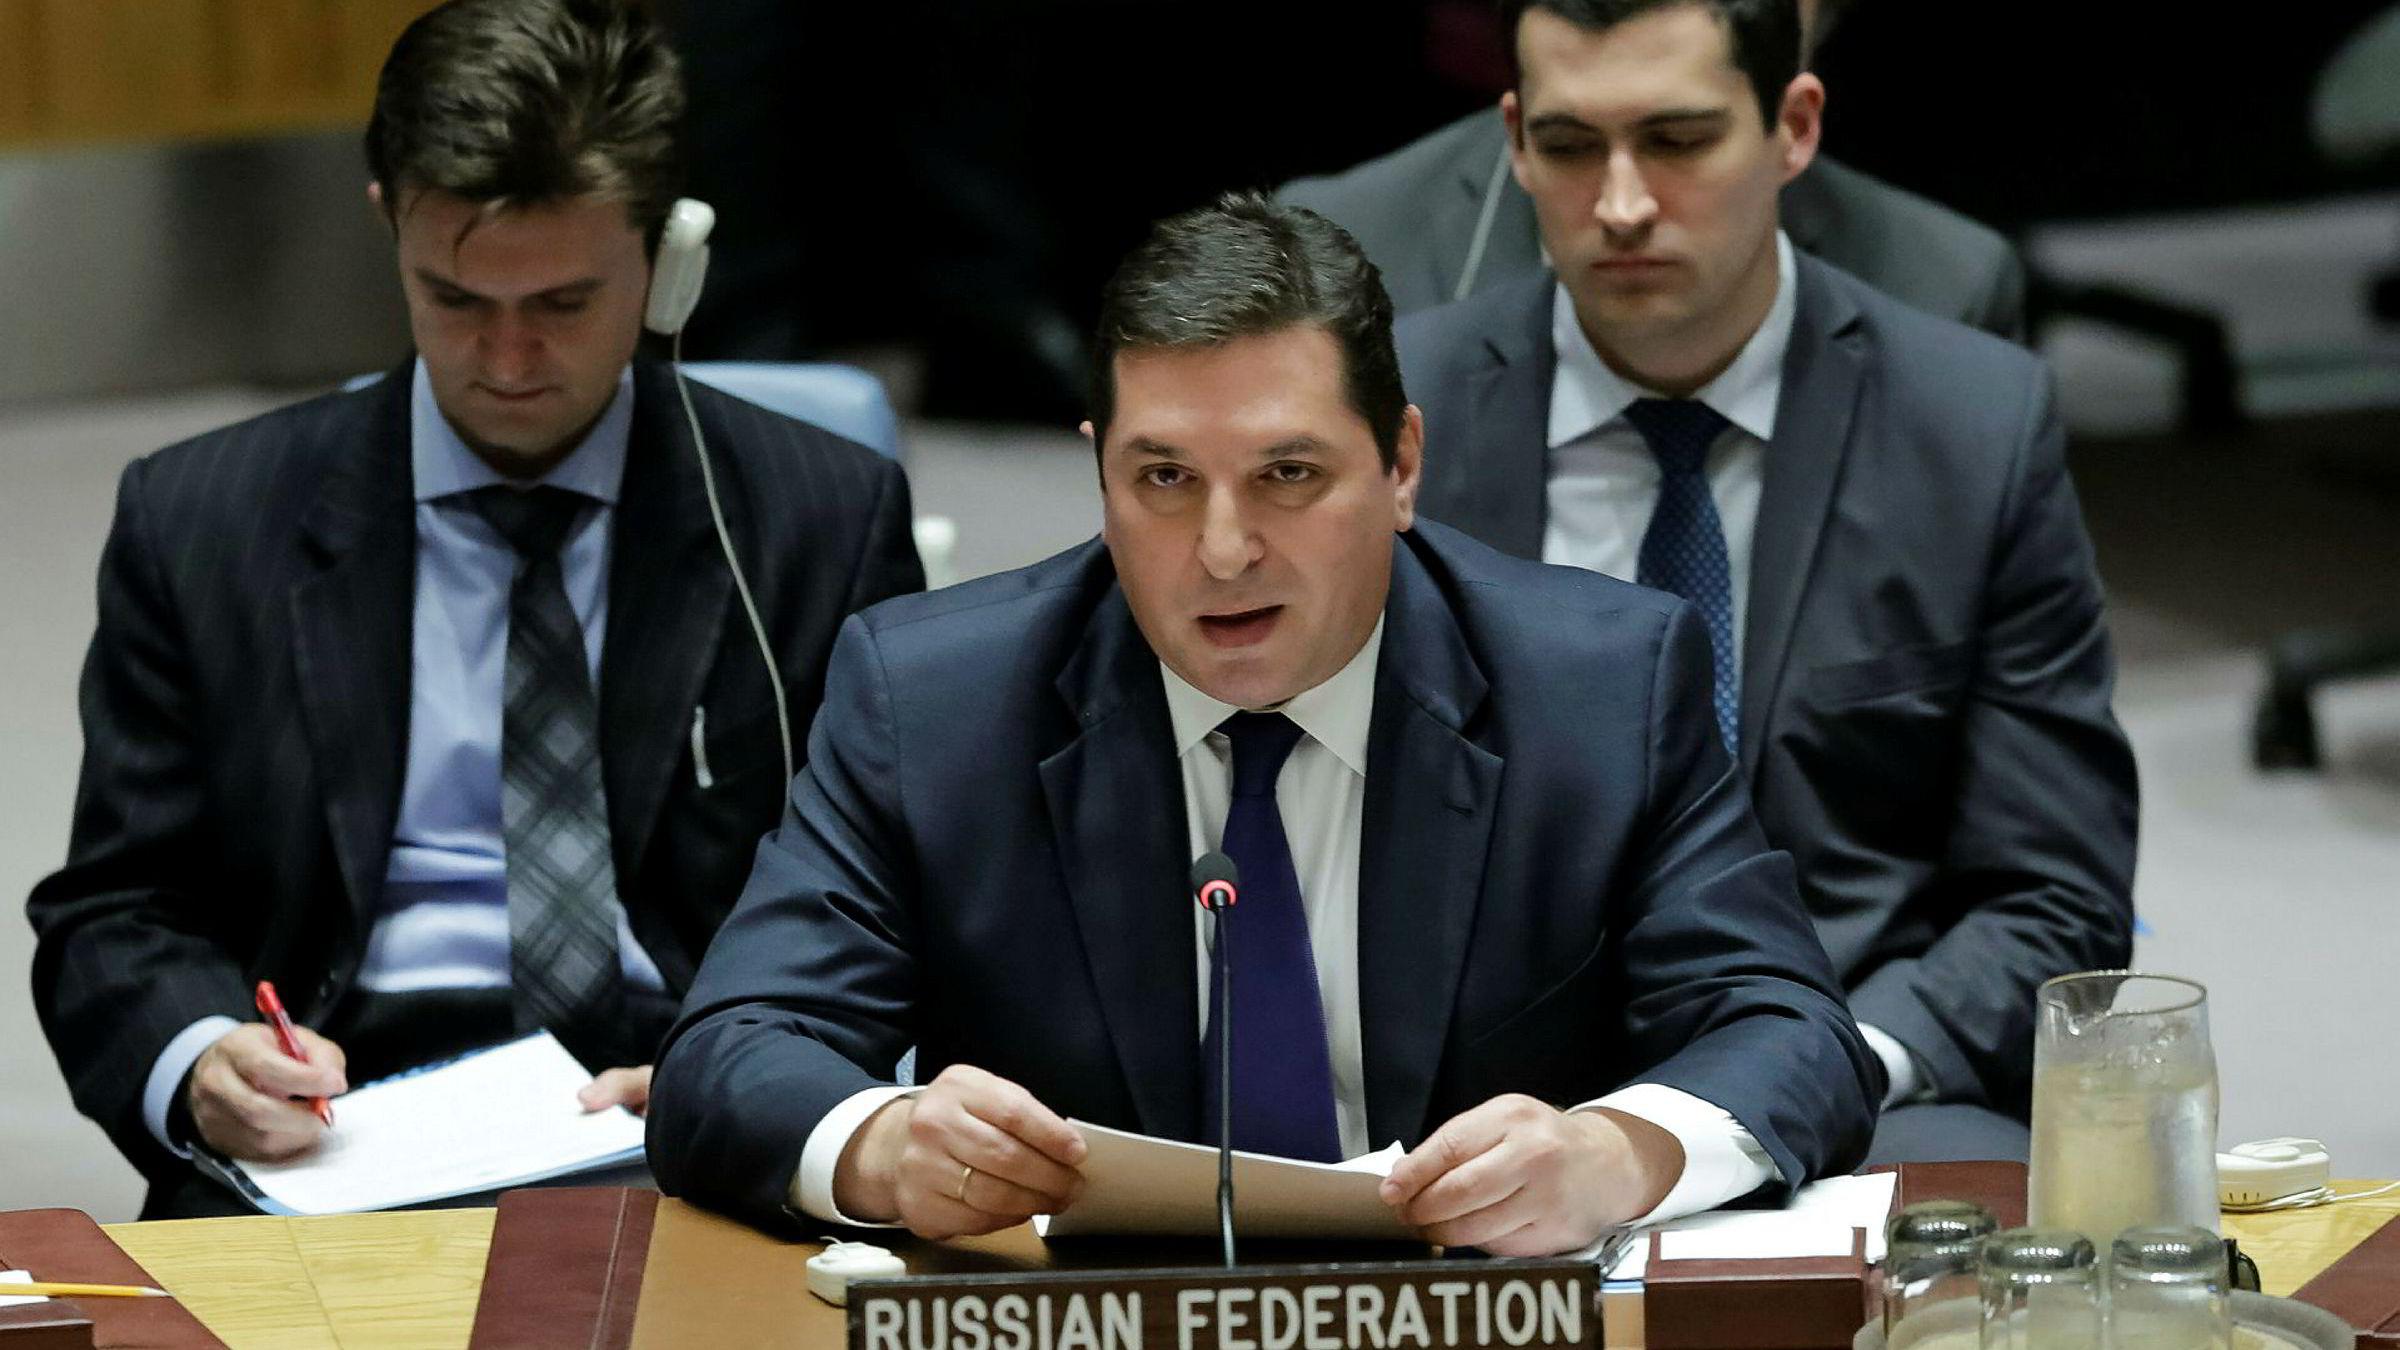 Russlands viseambassadør til FN, Vladimir Safronkov, snakker under sikkerhetsrådets møte i FN onsdag kveld.